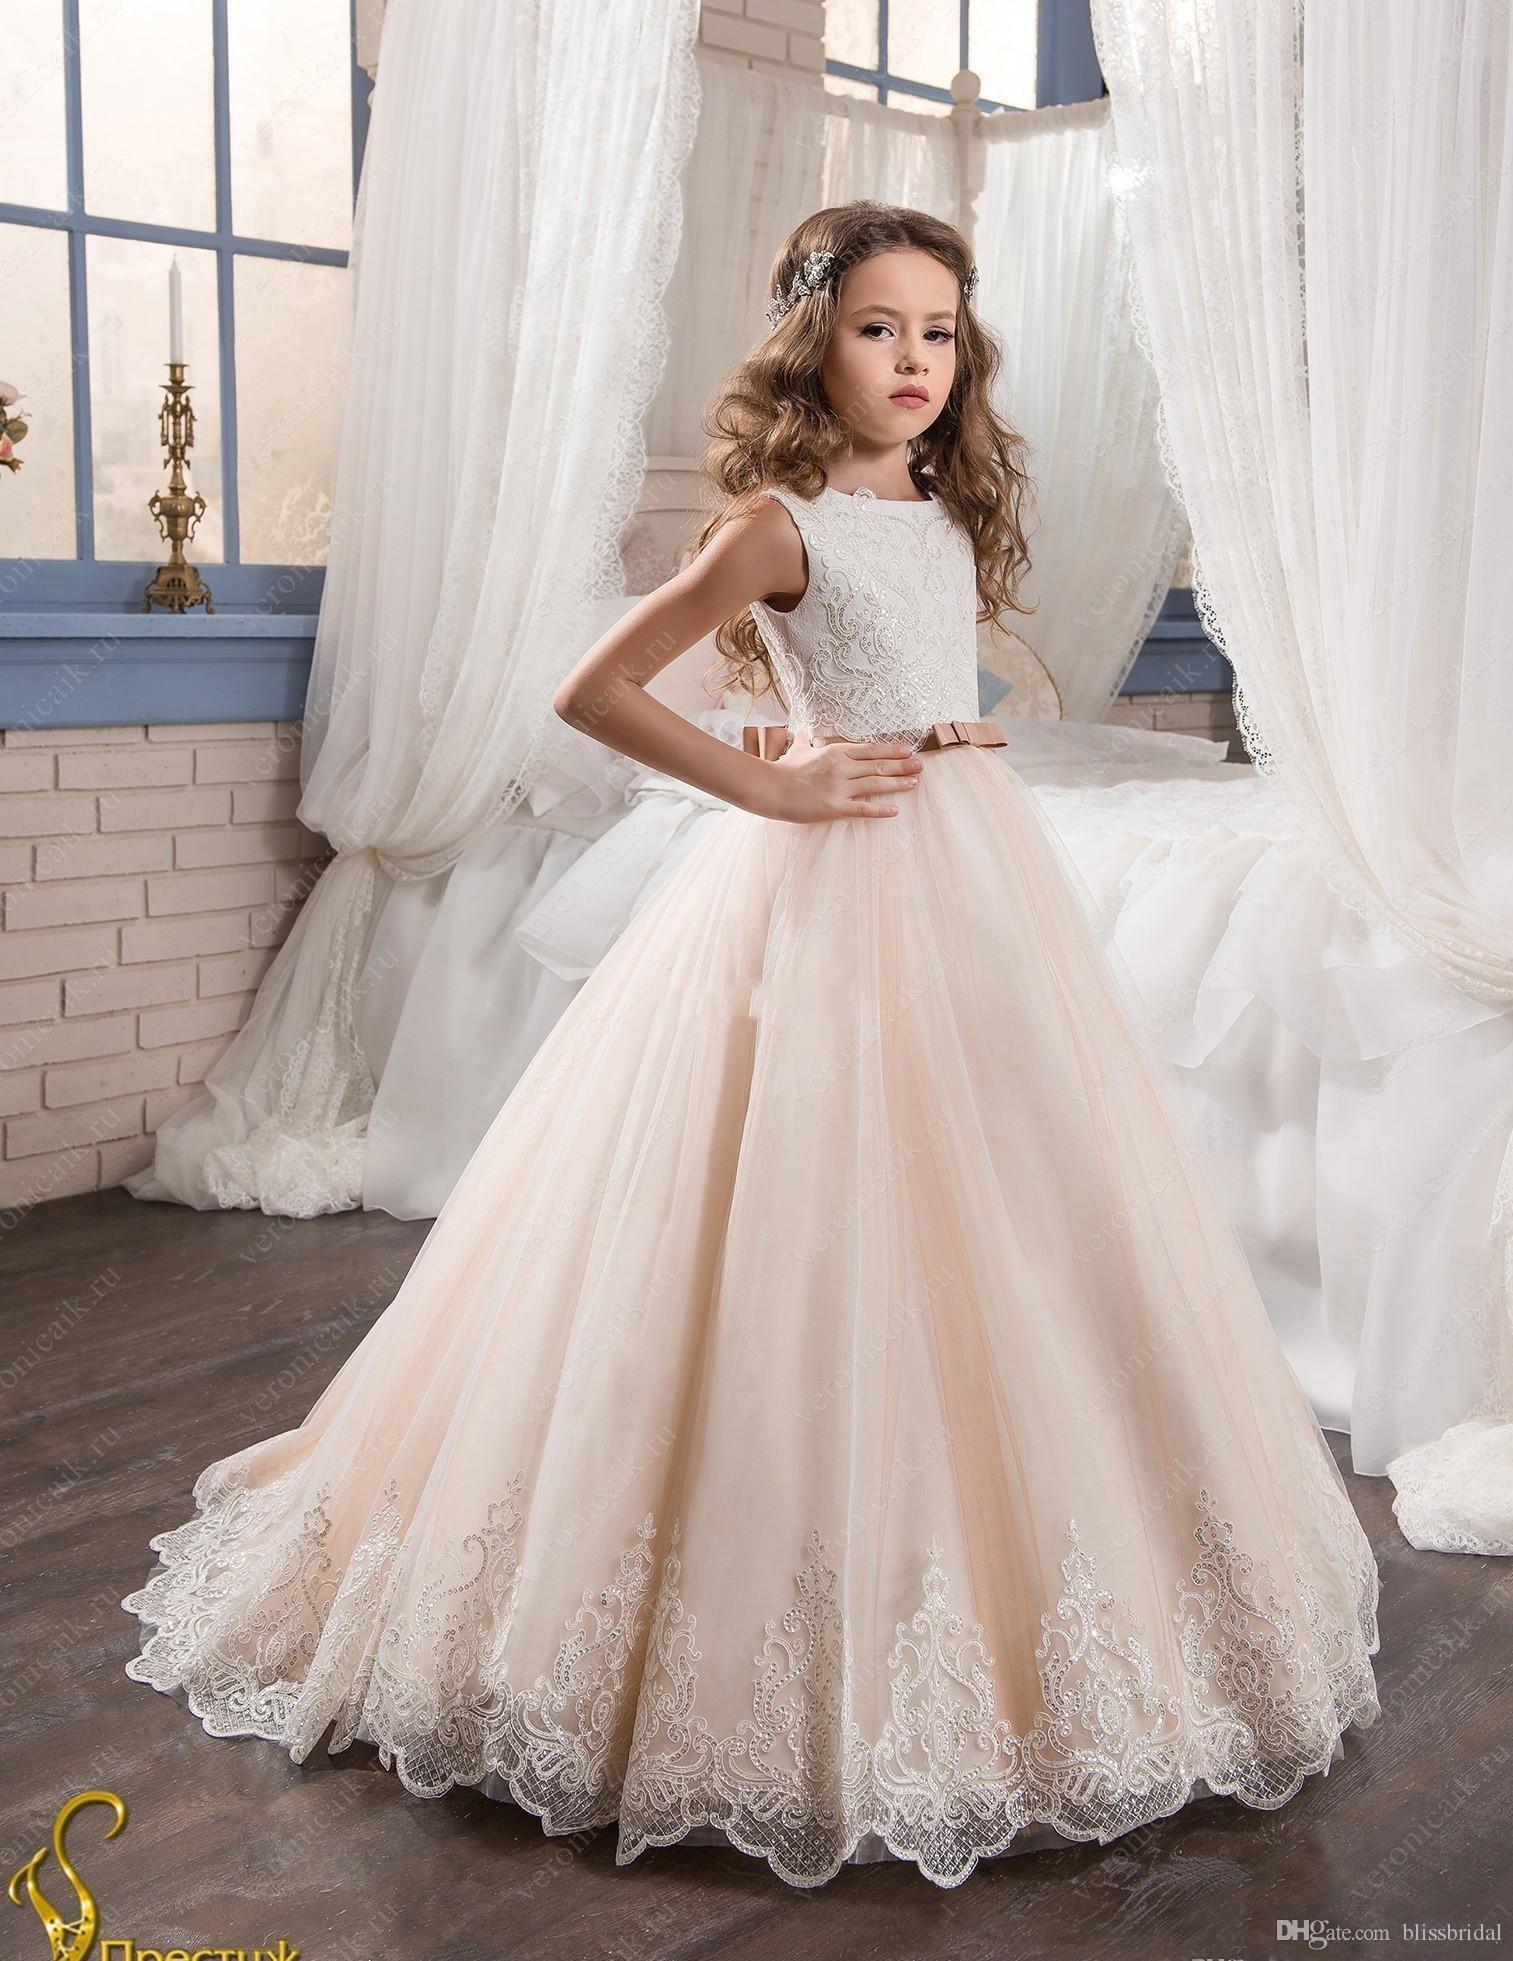 2019 Vestidos florista do vintage para vestidos de casamentos Blush Rosa Custom Made Princesa Tutu lantejoulas Appliqued Lace Bow crianças da Primeira Comunhão